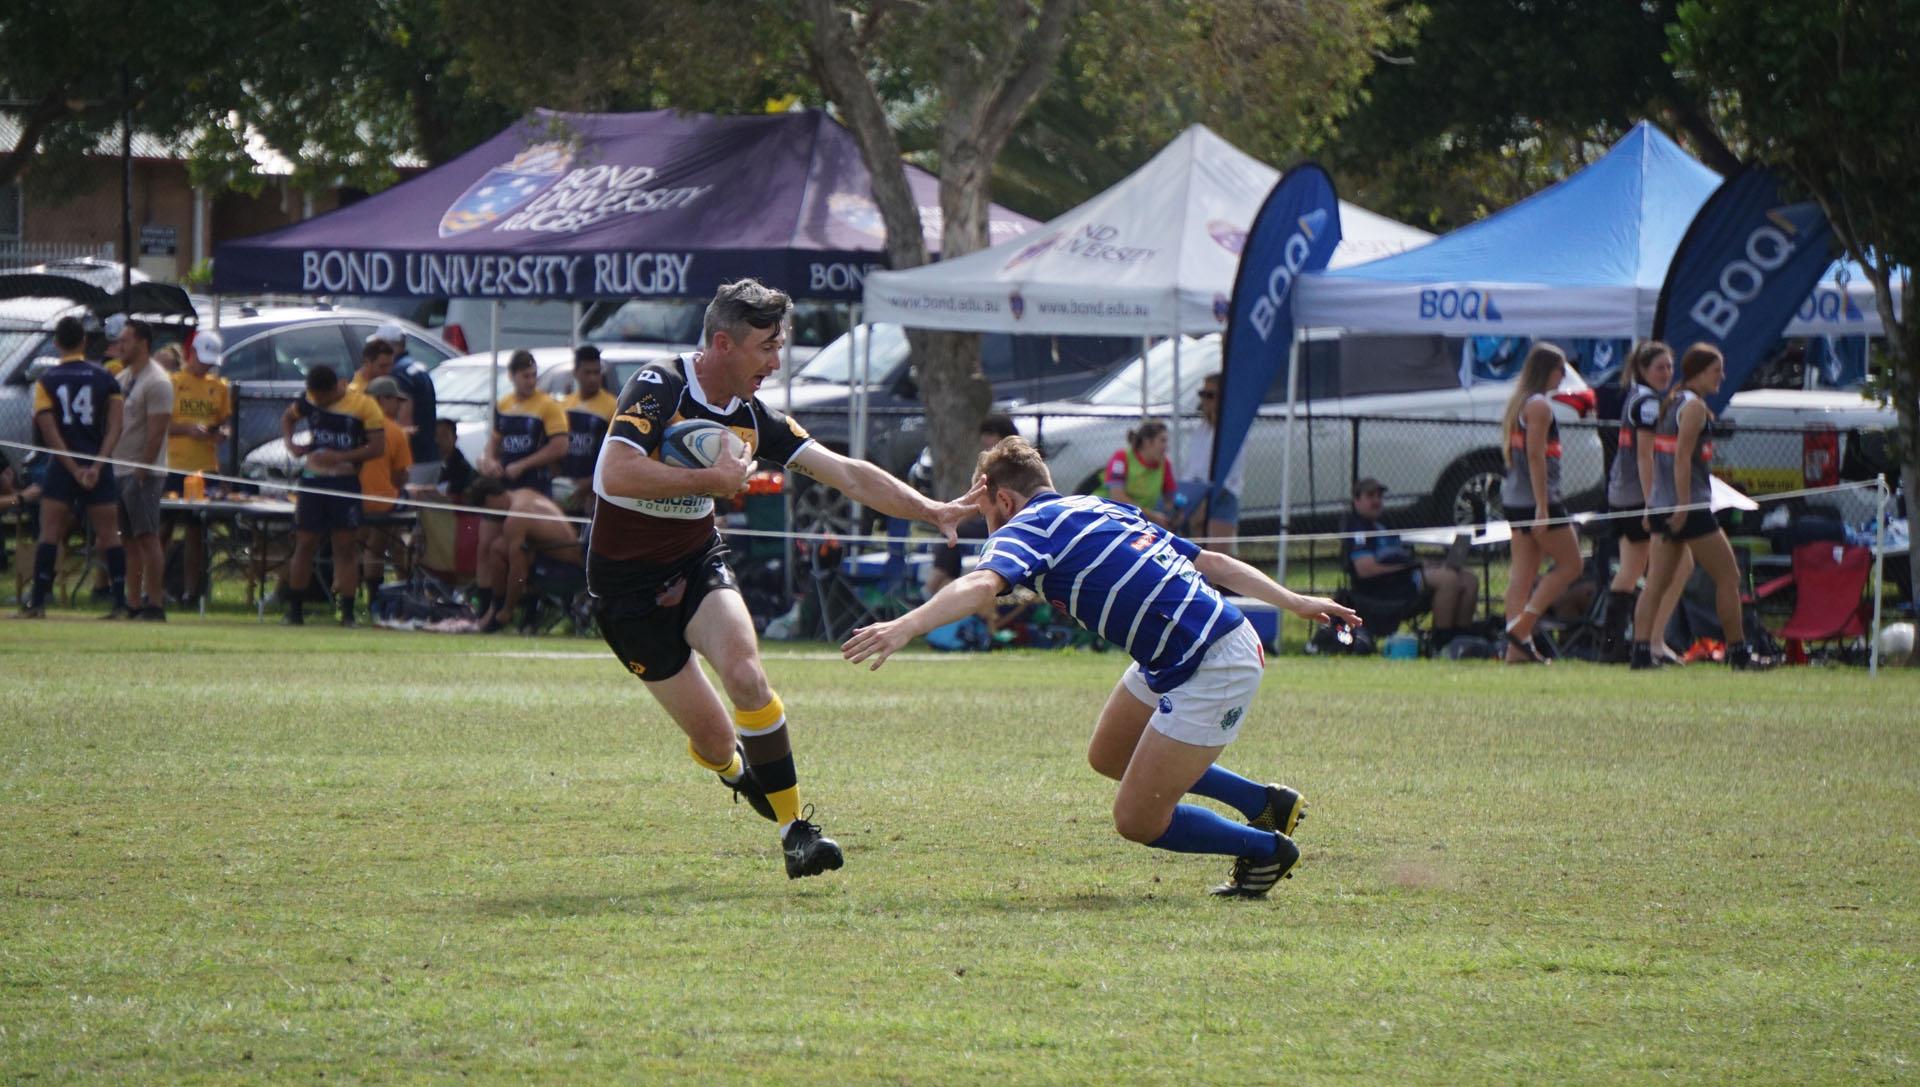 191019-20_Byron Bay Rugby 7s 2019_6